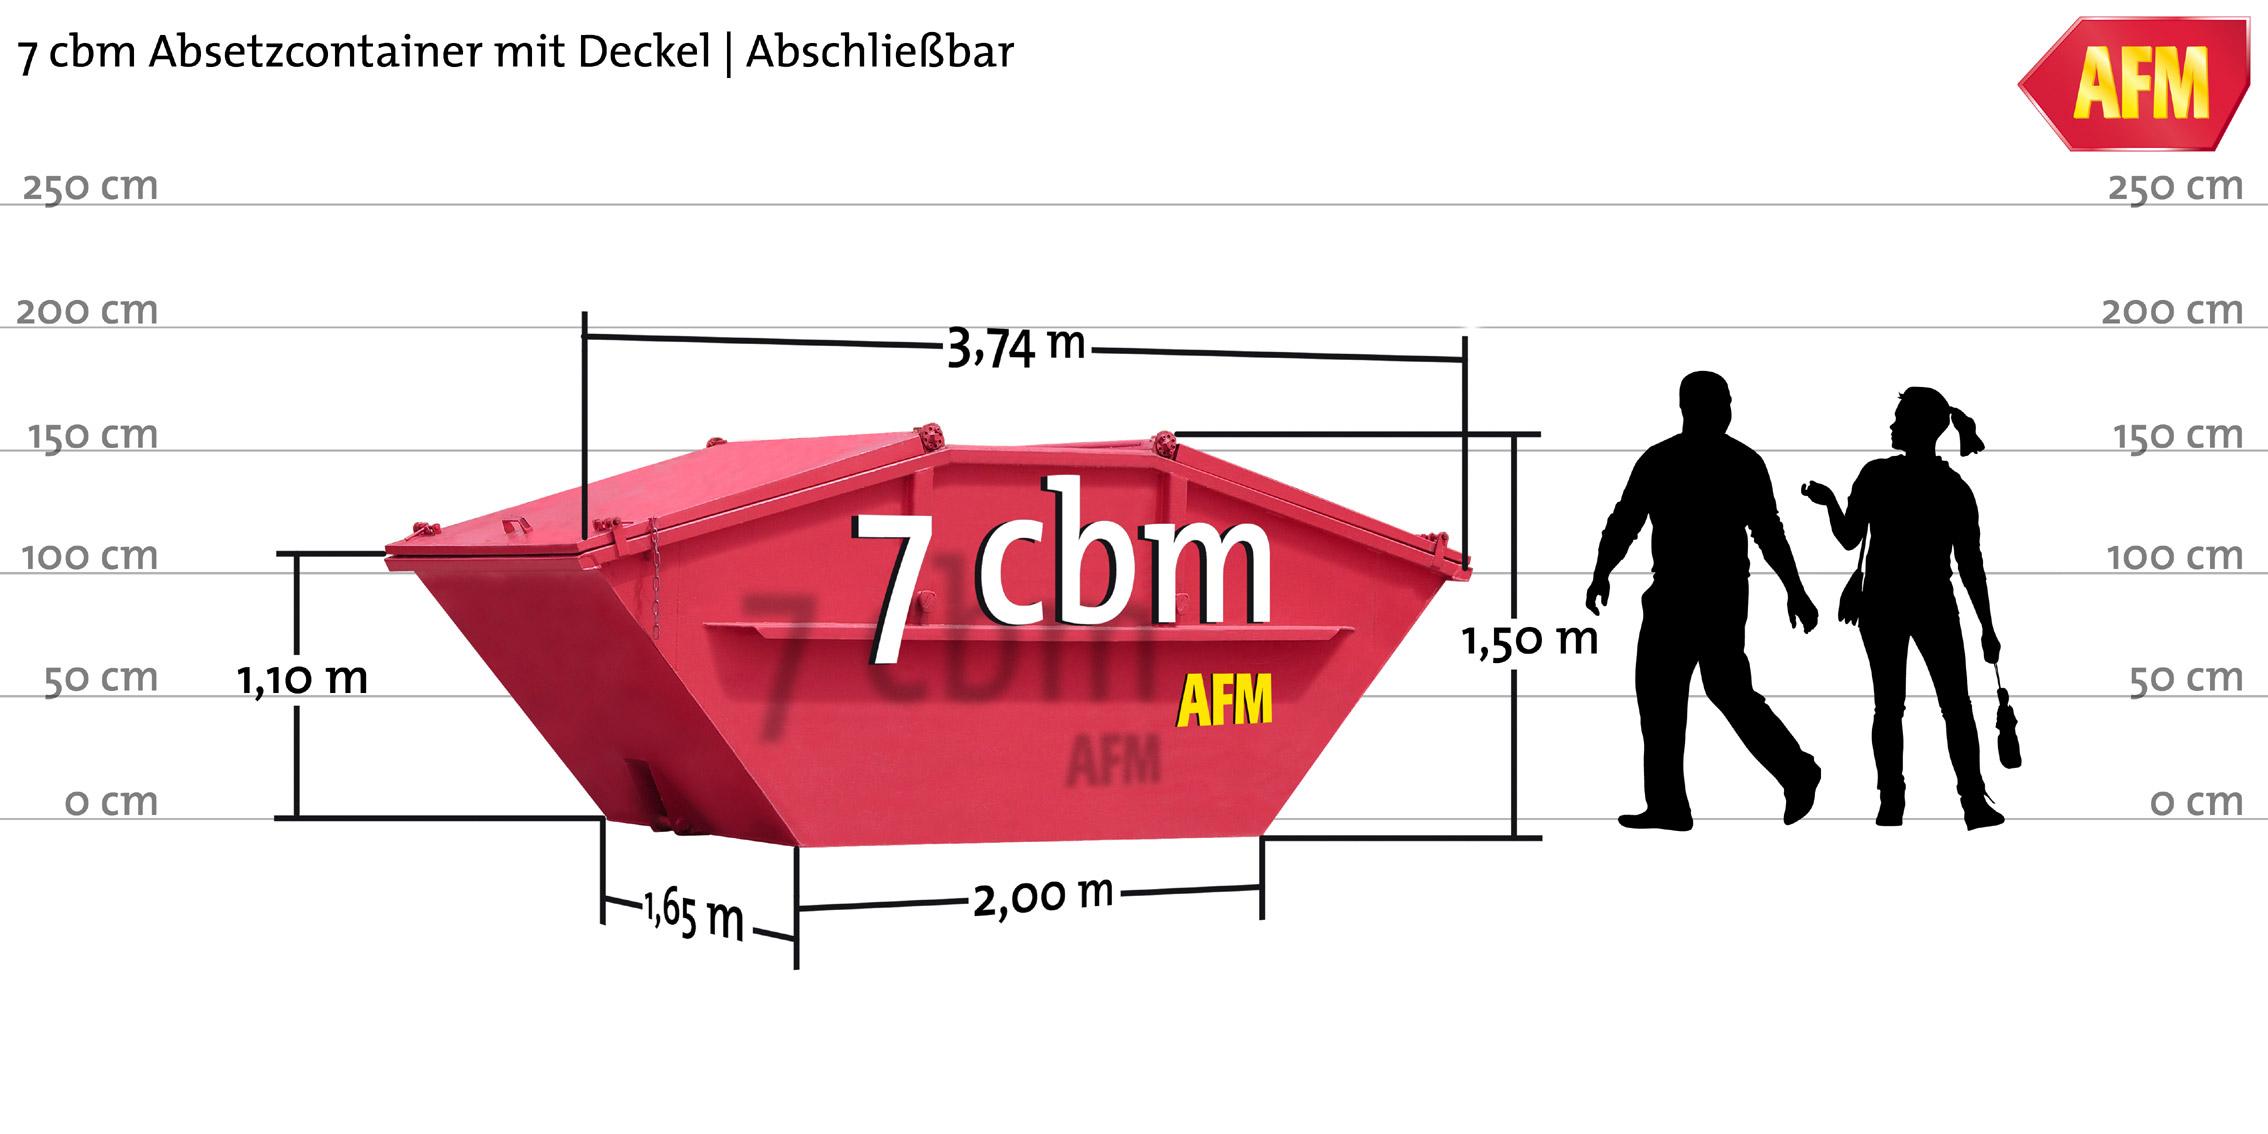 Absetz-Container mit Deckel 7cbm